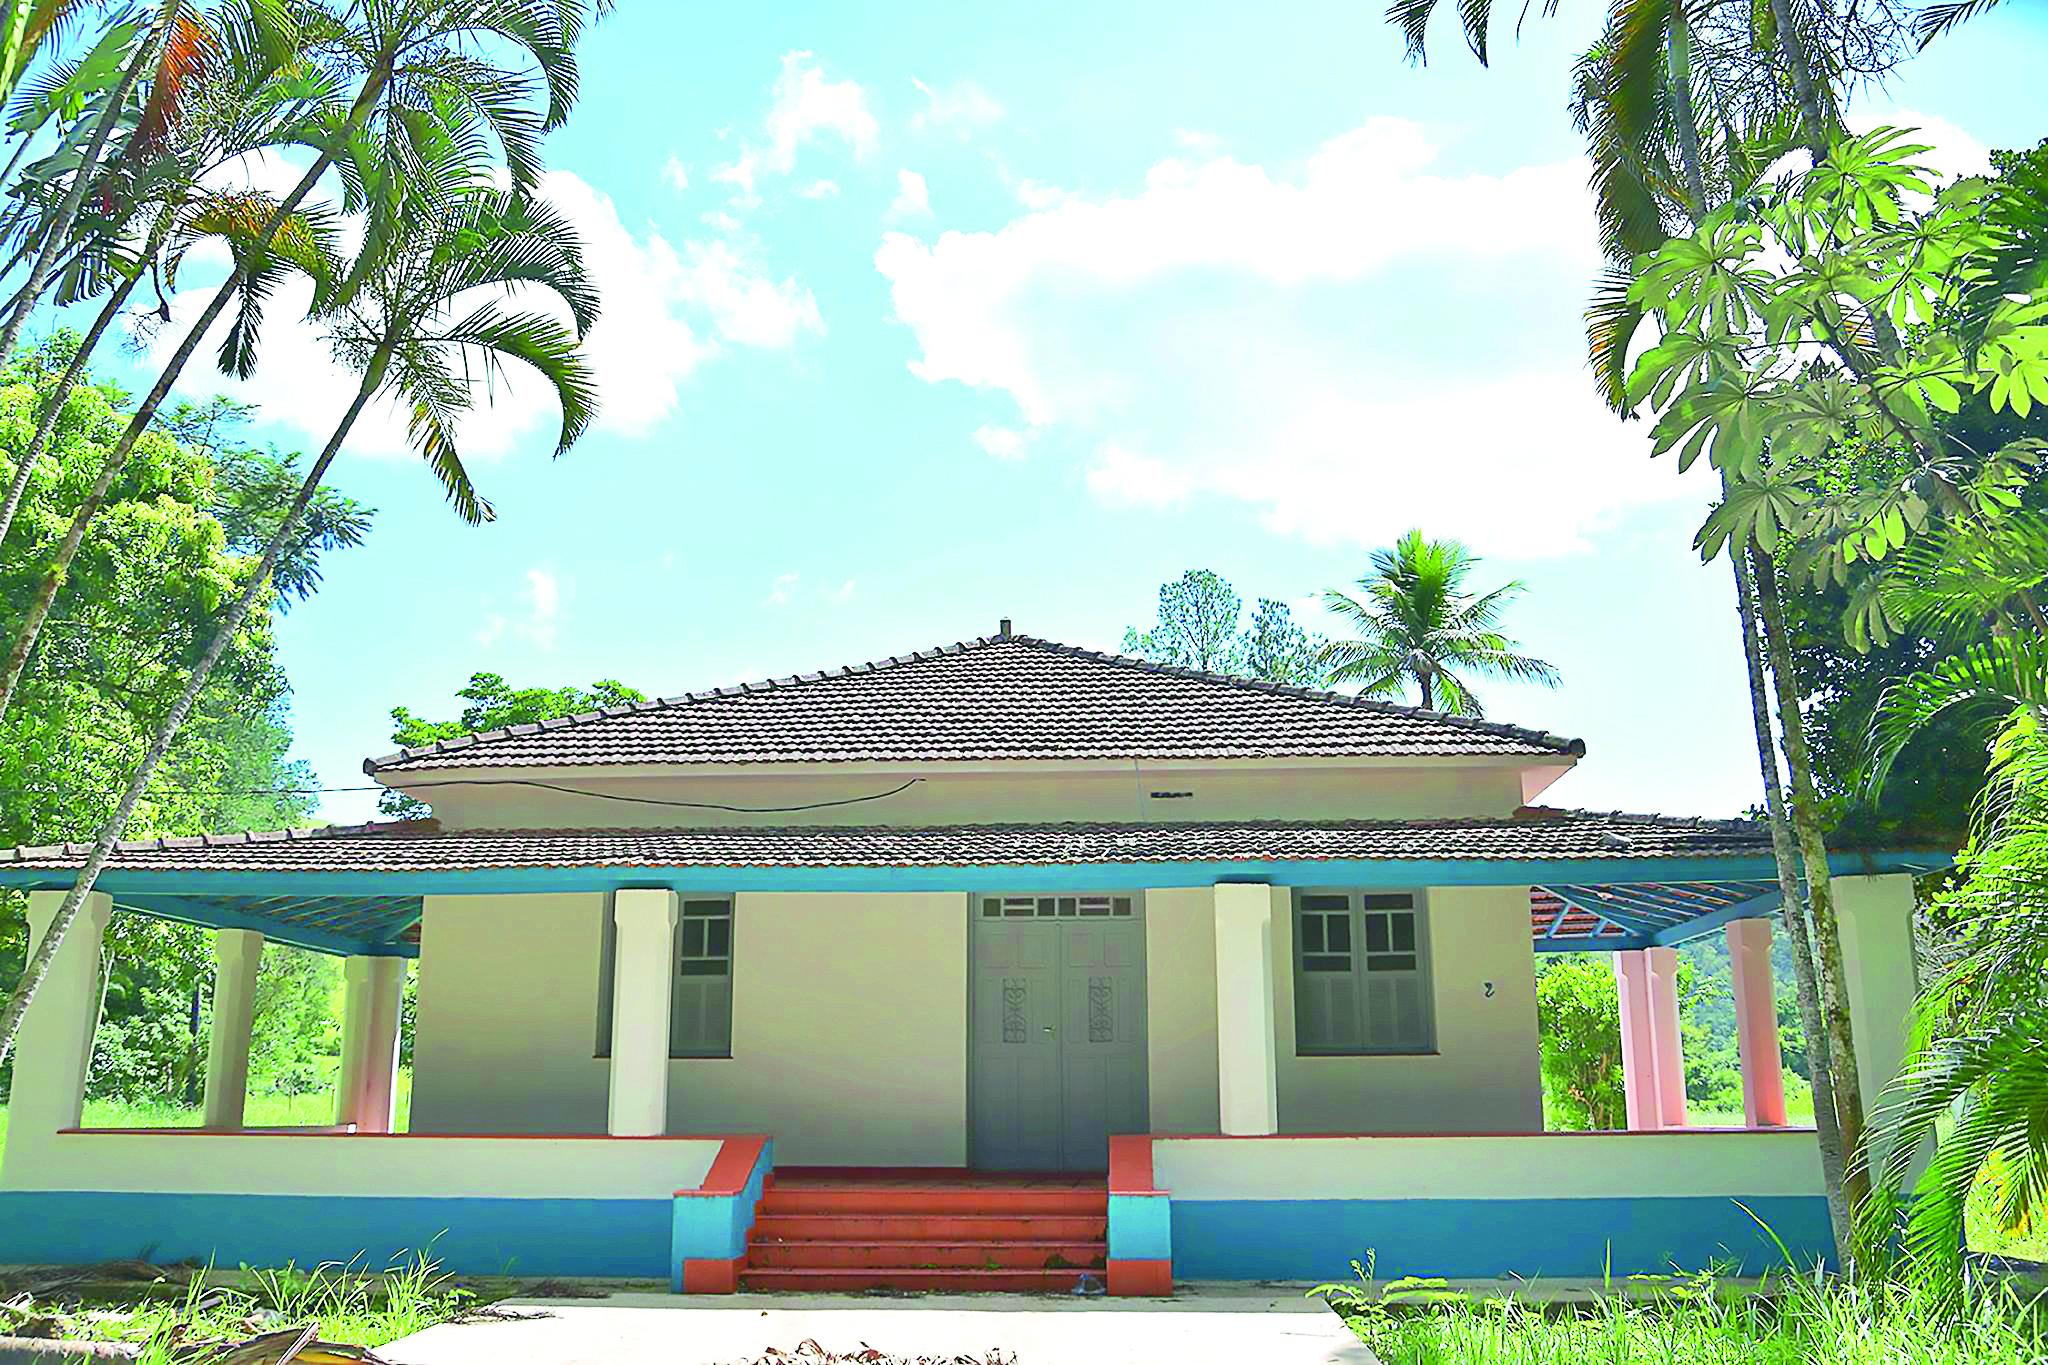 A antiga sede da fazenda do DAEE, que passou por completa reforma pela prefeitura e que funcionará como centro educacional (Assessoria)